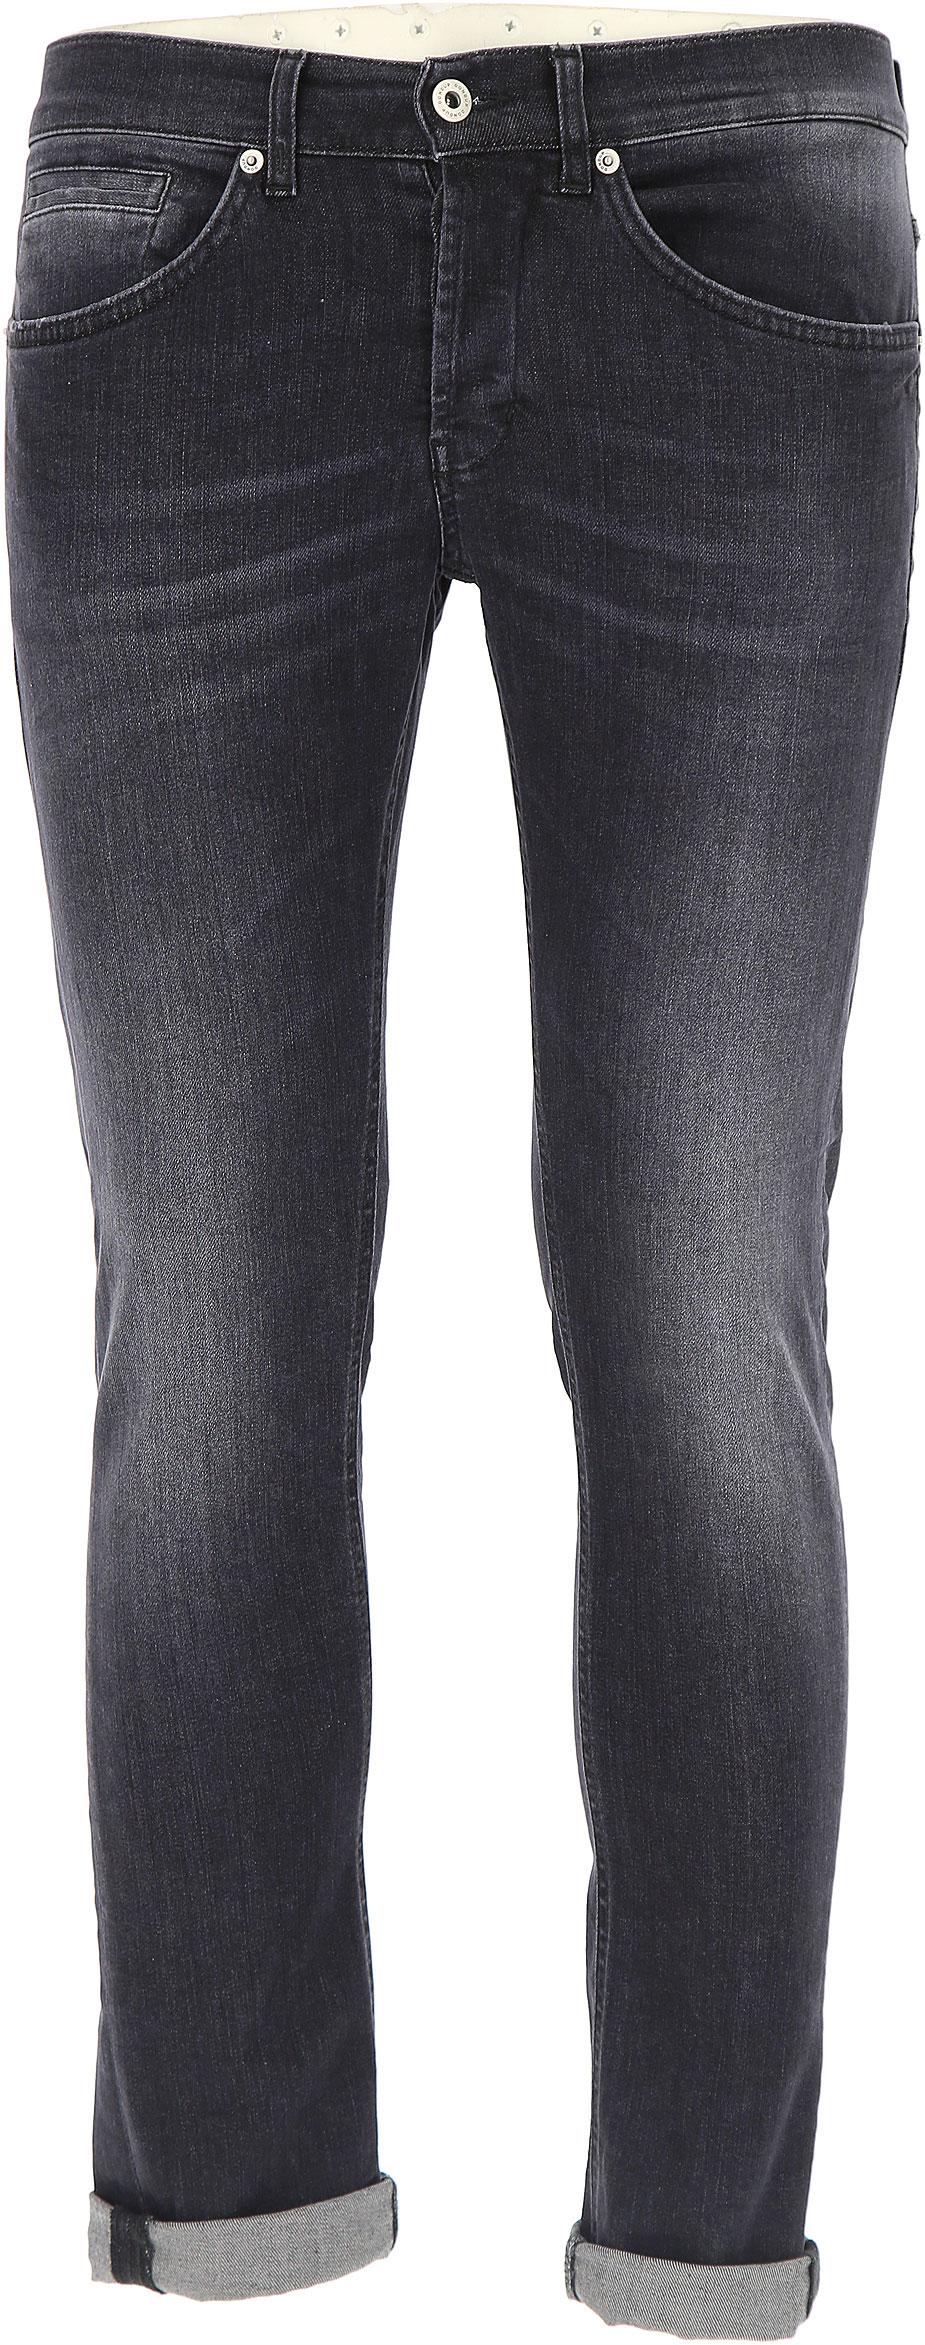 Abbigliamento Uomo Dondup, Codice Articolo: up232-ds168u-s47n